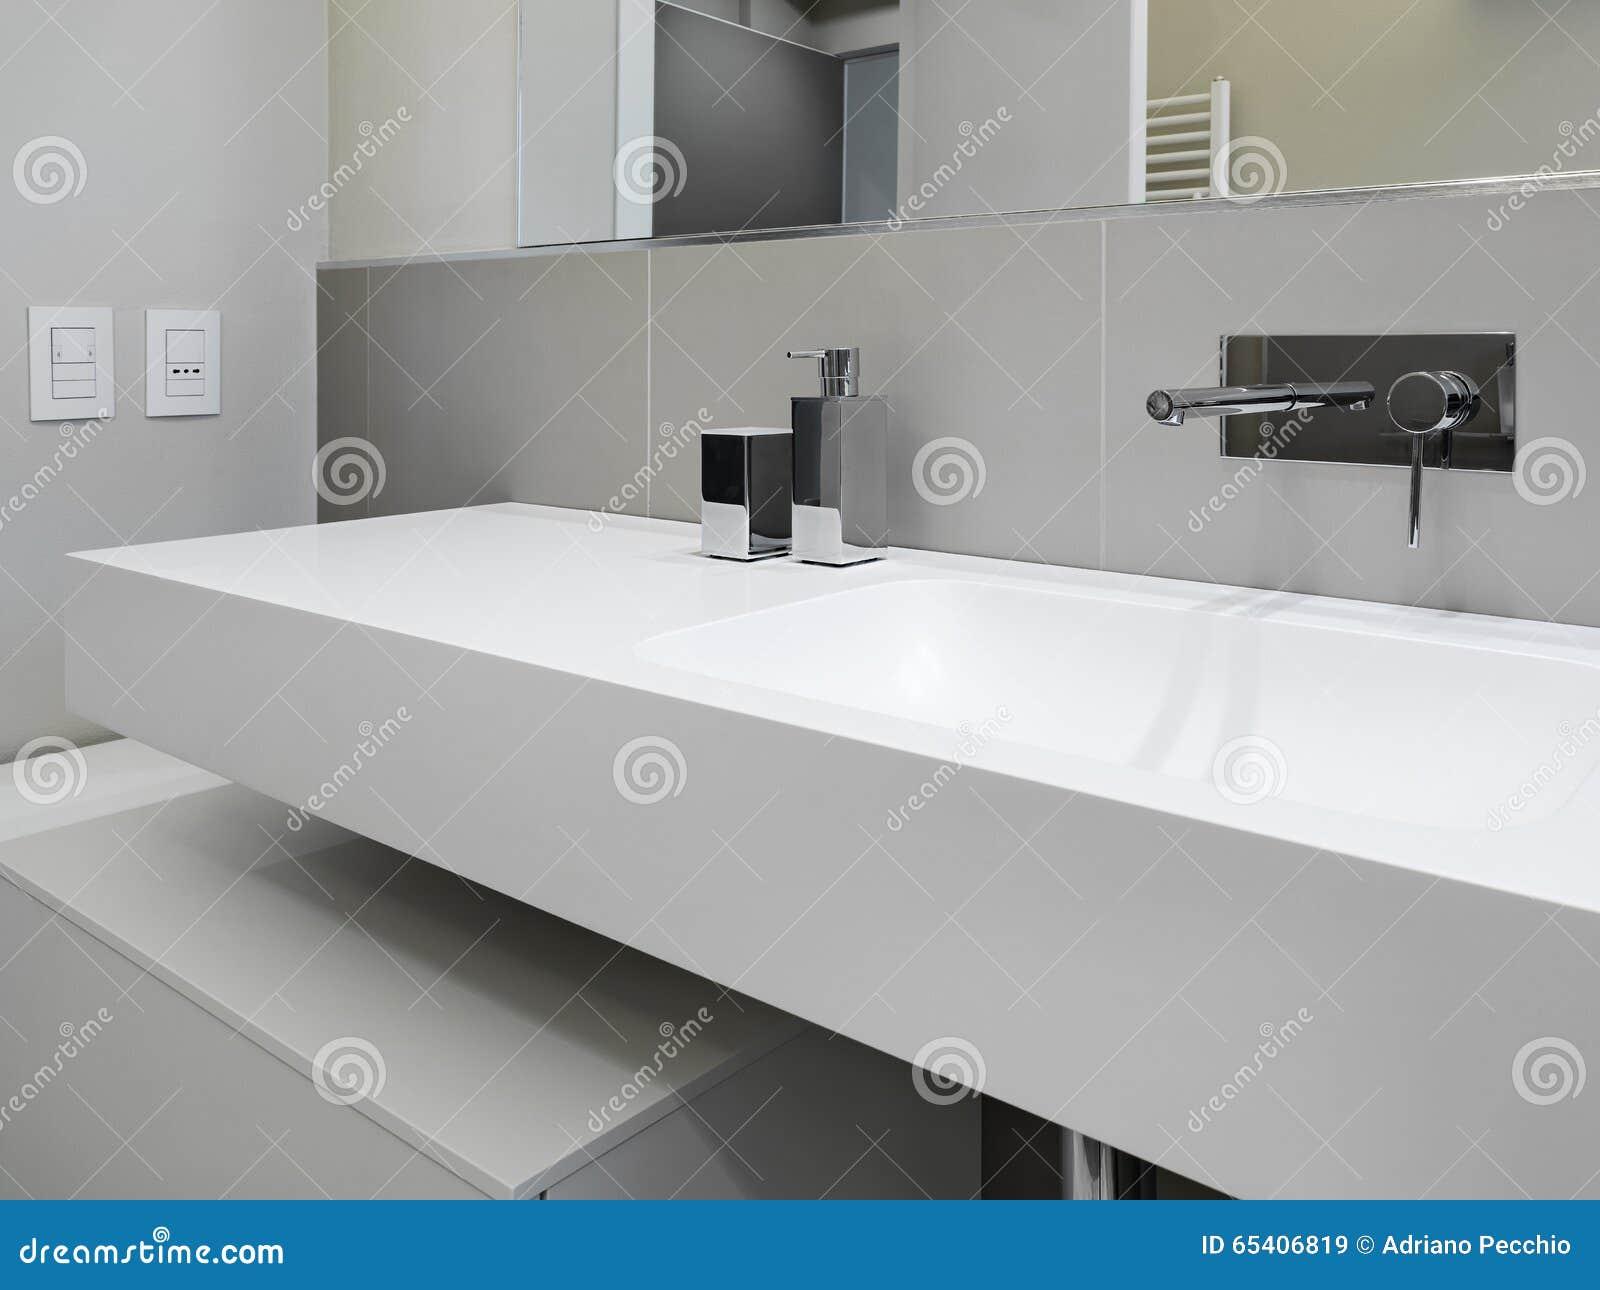 Priorità alta di un lavandino in un bagno moderno fotografia stock ...